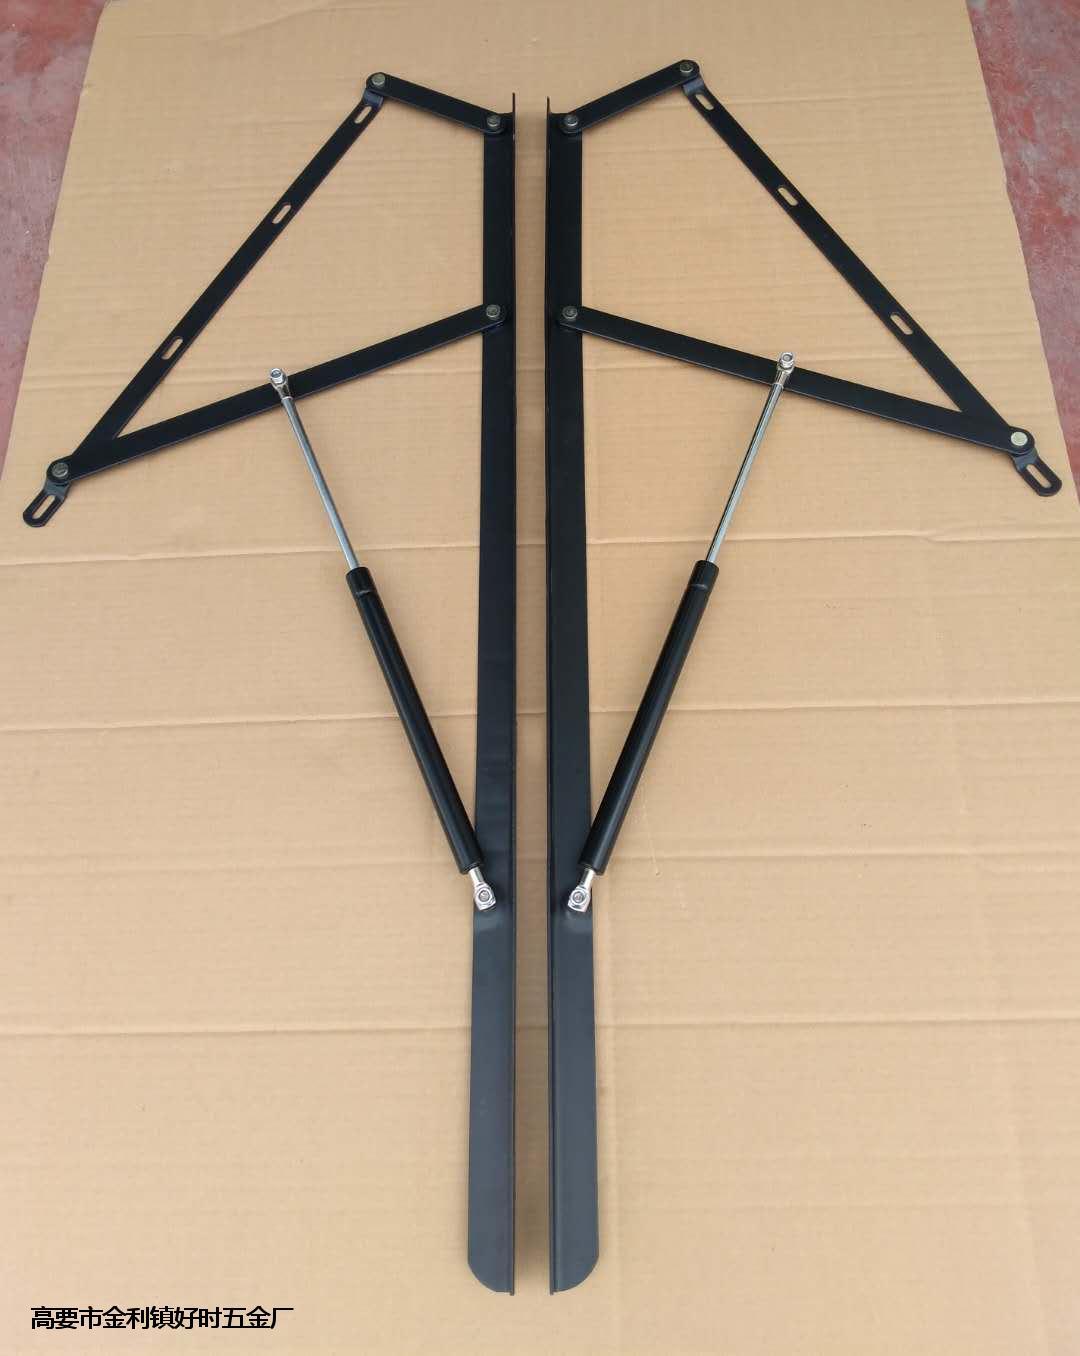 床用气动杆代理-报价合理的1.2米套床汽动杆-好时五金厂倾力推荐